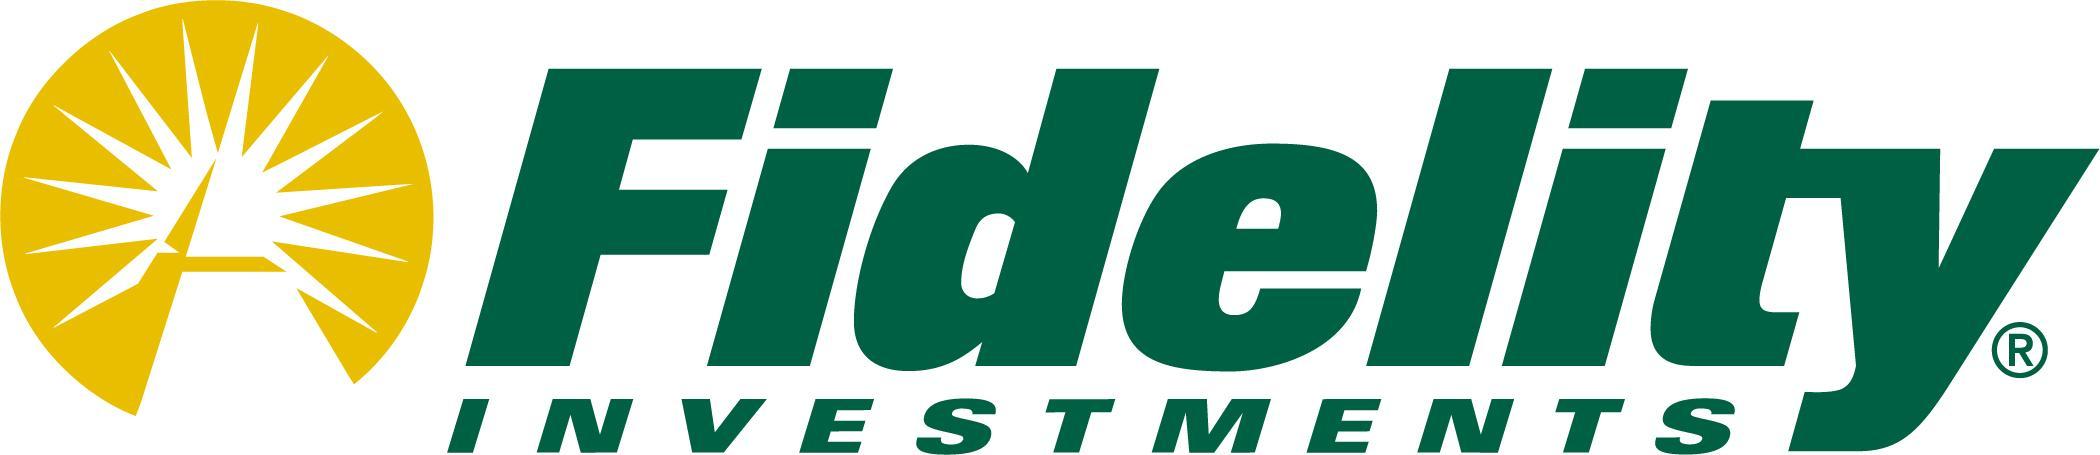 FIDELITY-logo-new.jpg